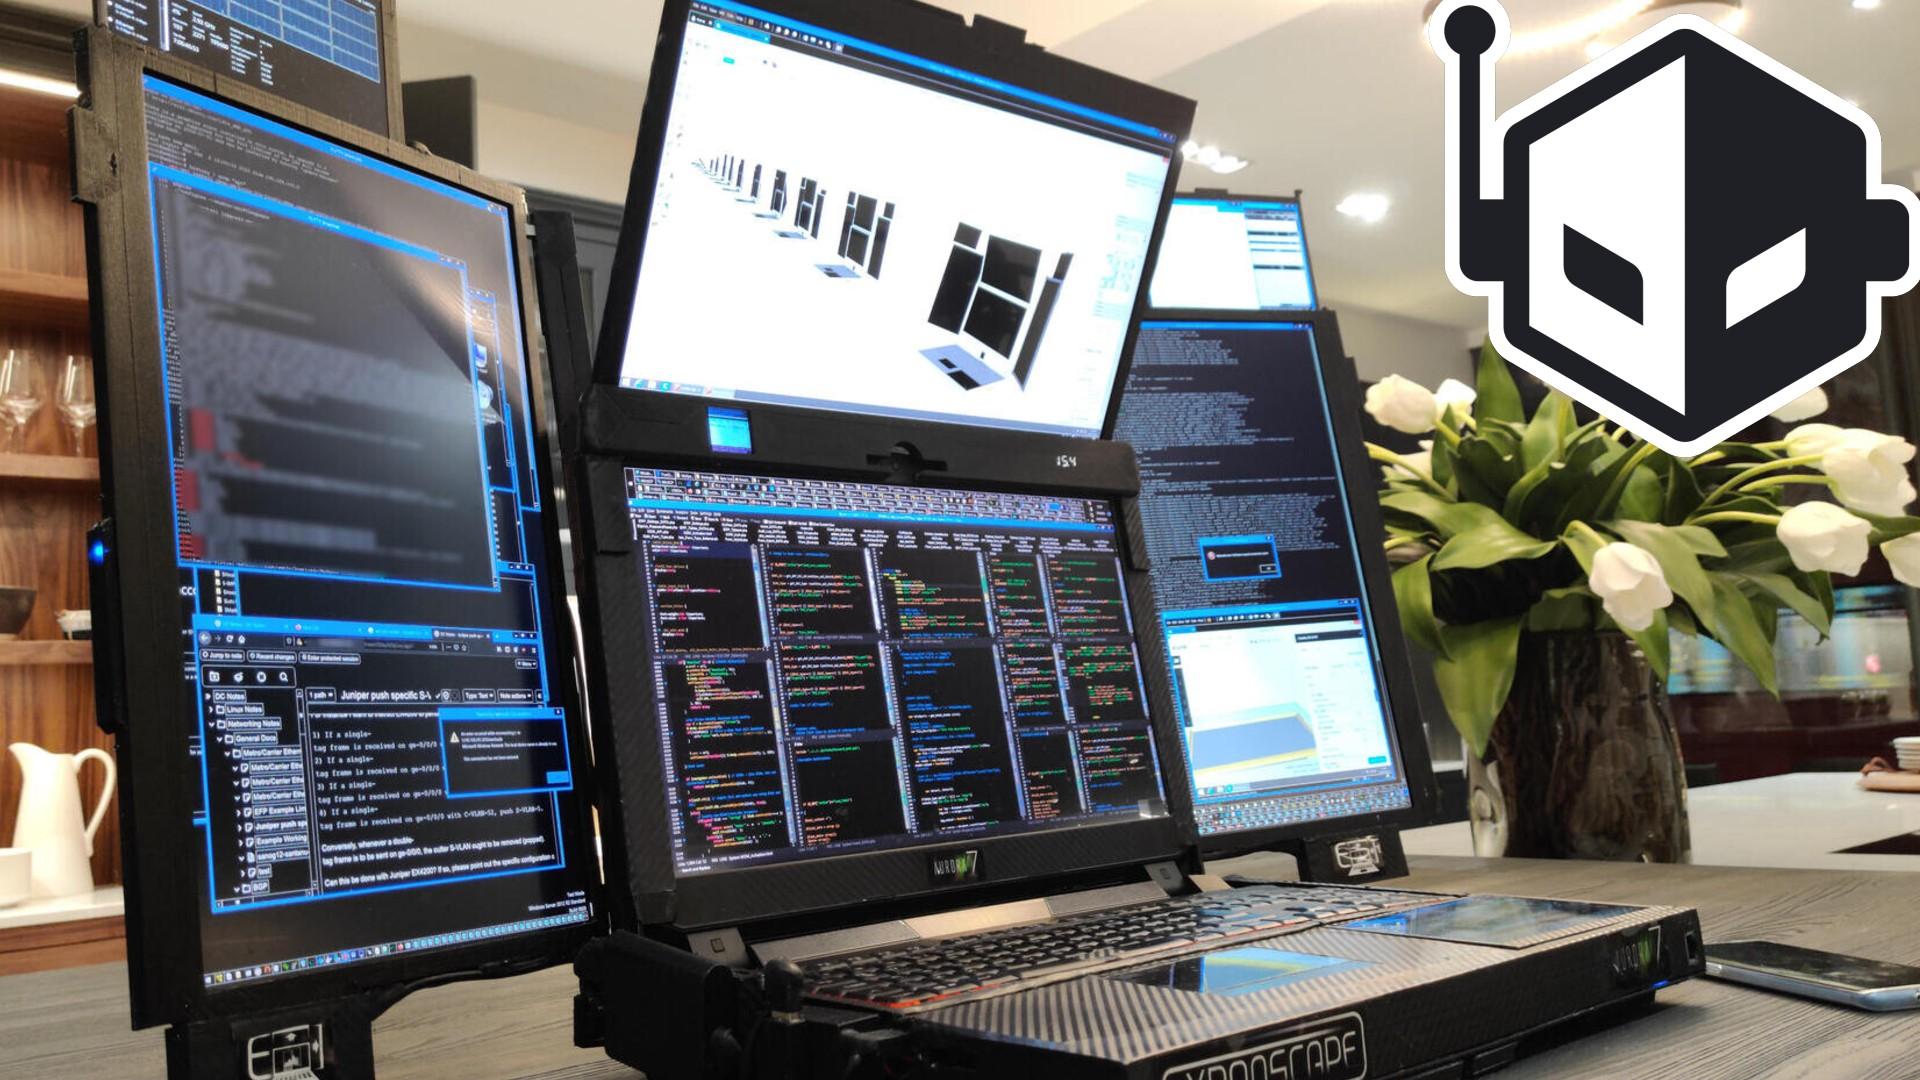 Expanscape Announces the Aurora 7 Laptop Featuring Seven Screens